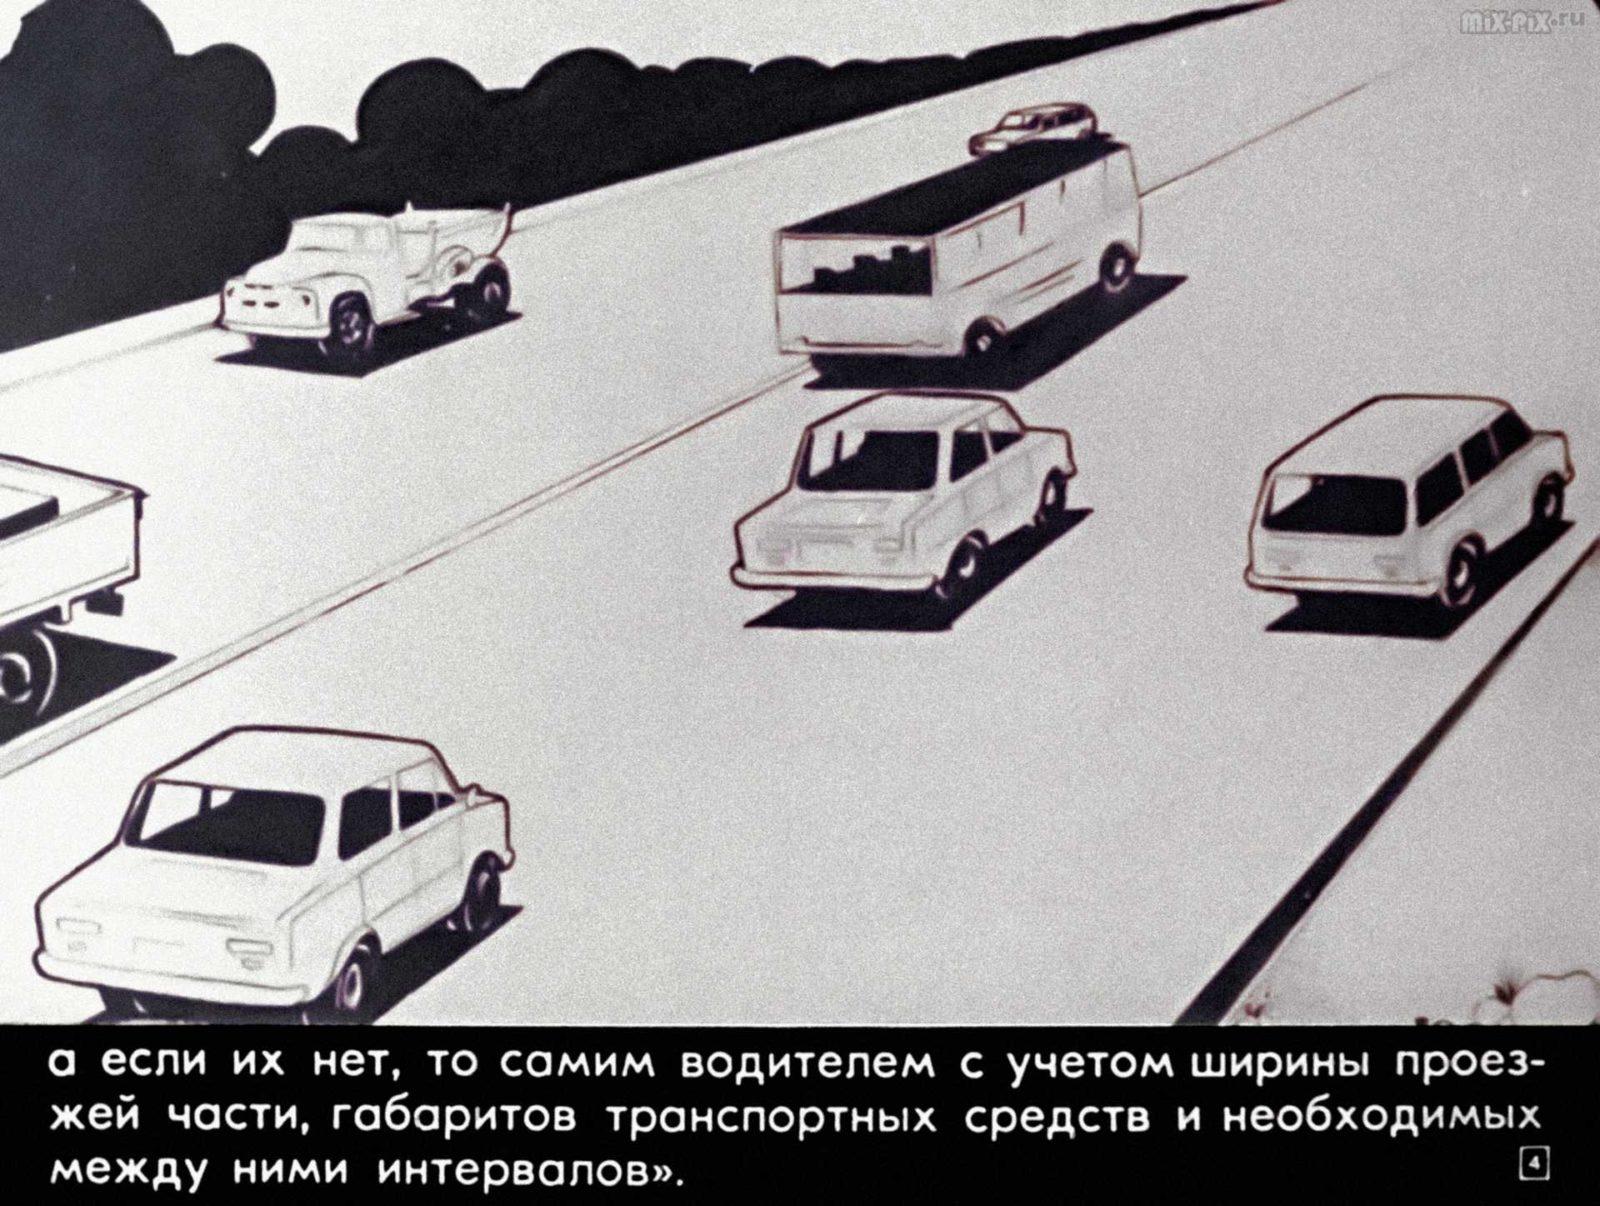 Правила дорожного движения. Расположение транспортных средств на проезжей части. Начало движения. Маневрирование (1983) 32